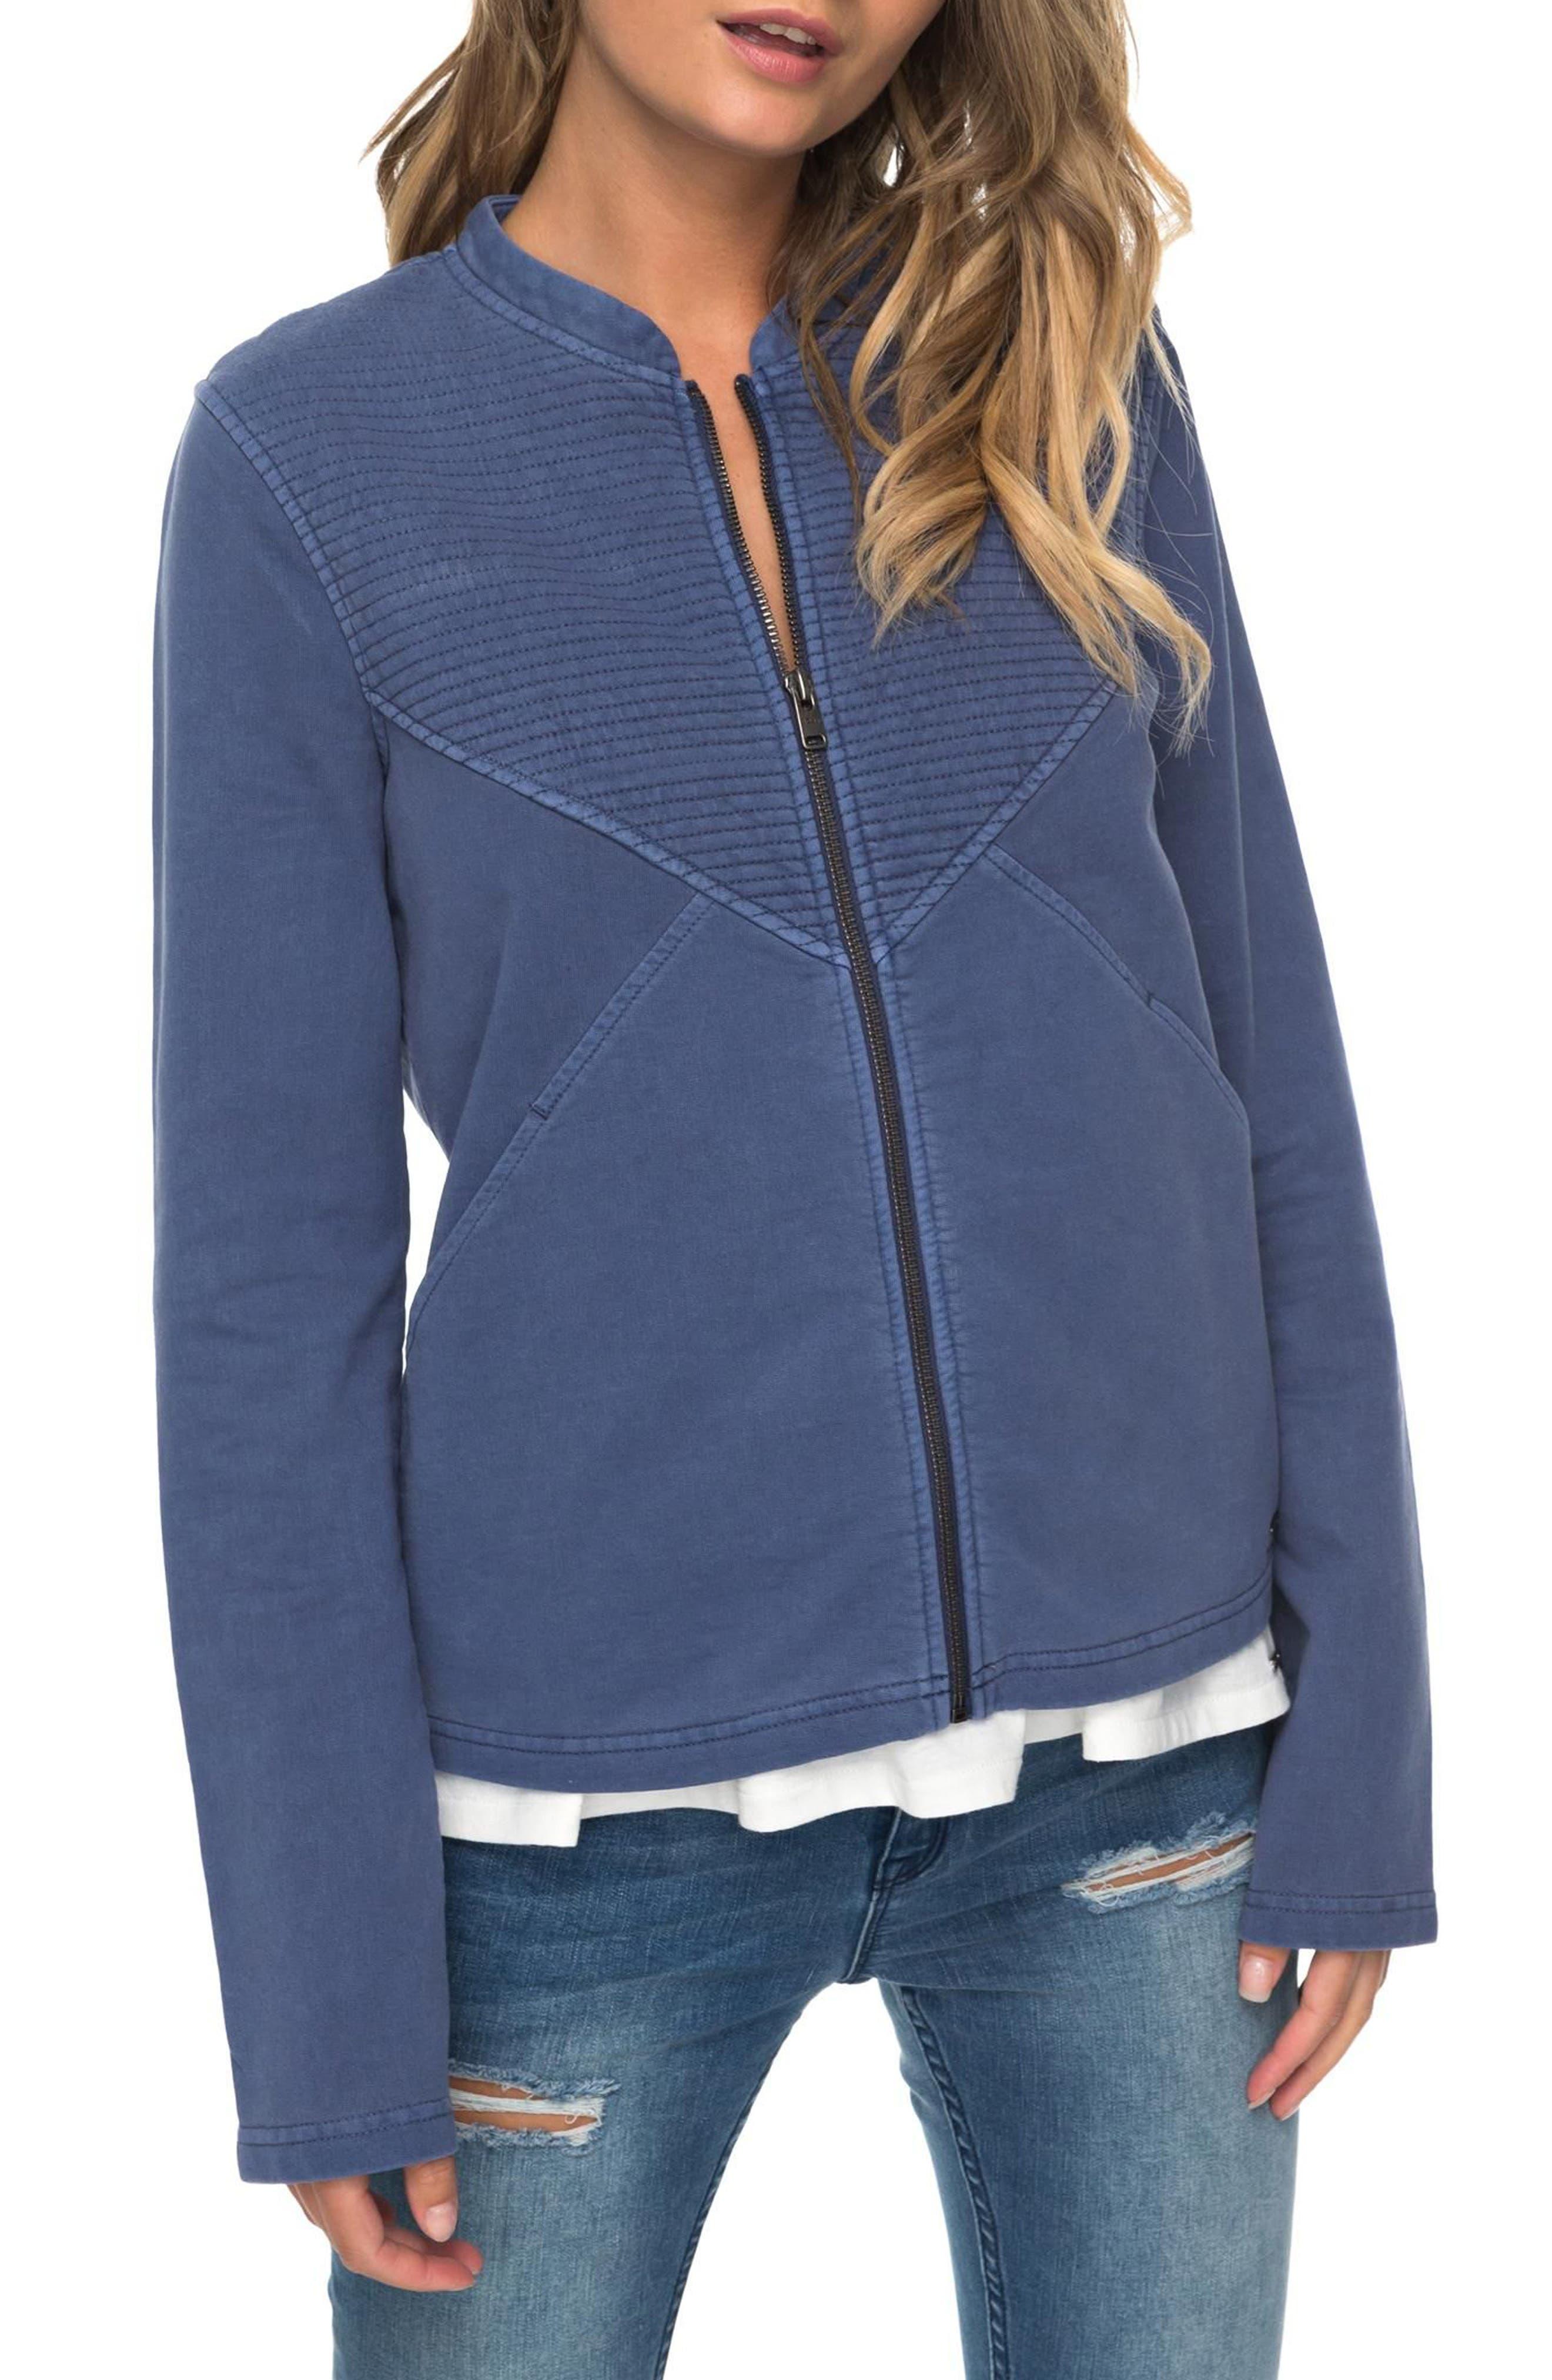 Roxy Oh Buoy Jacket